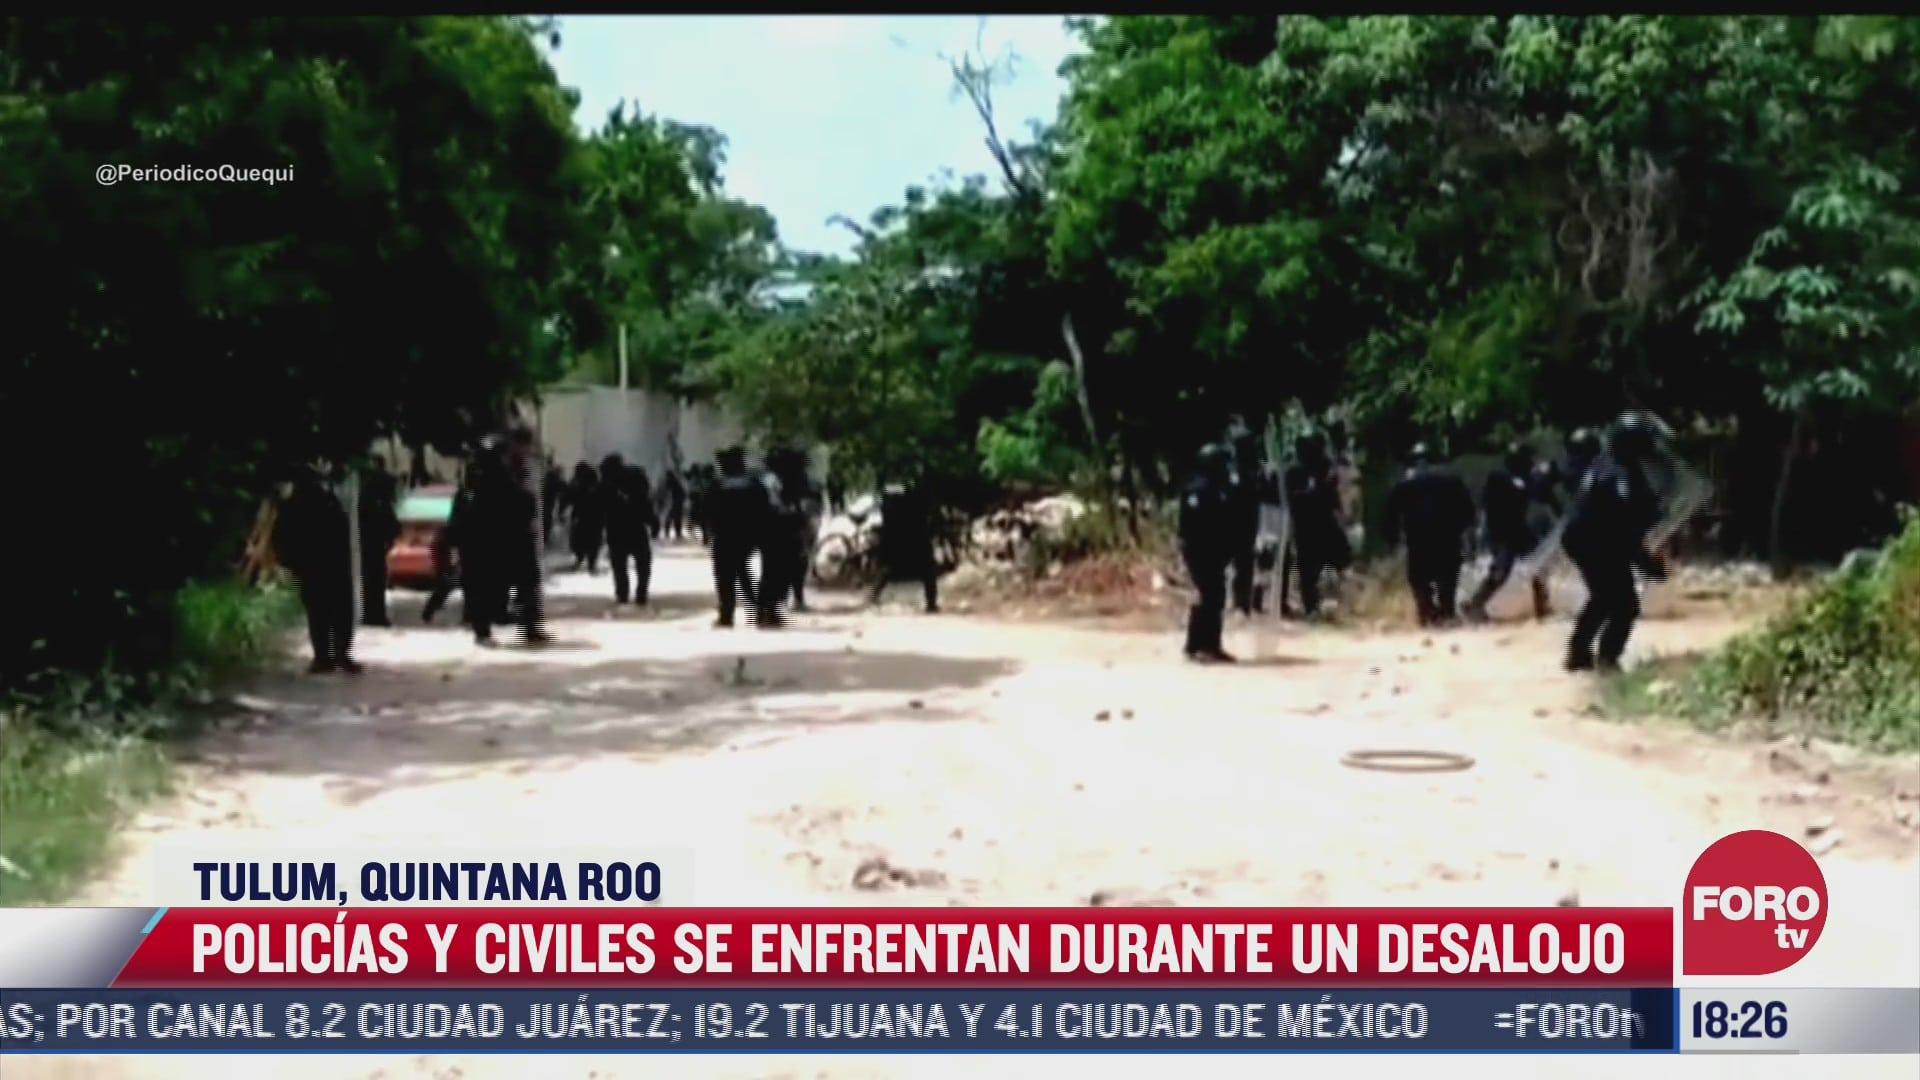 video se enfrentan civiles y policias durante un desalojo en tulum